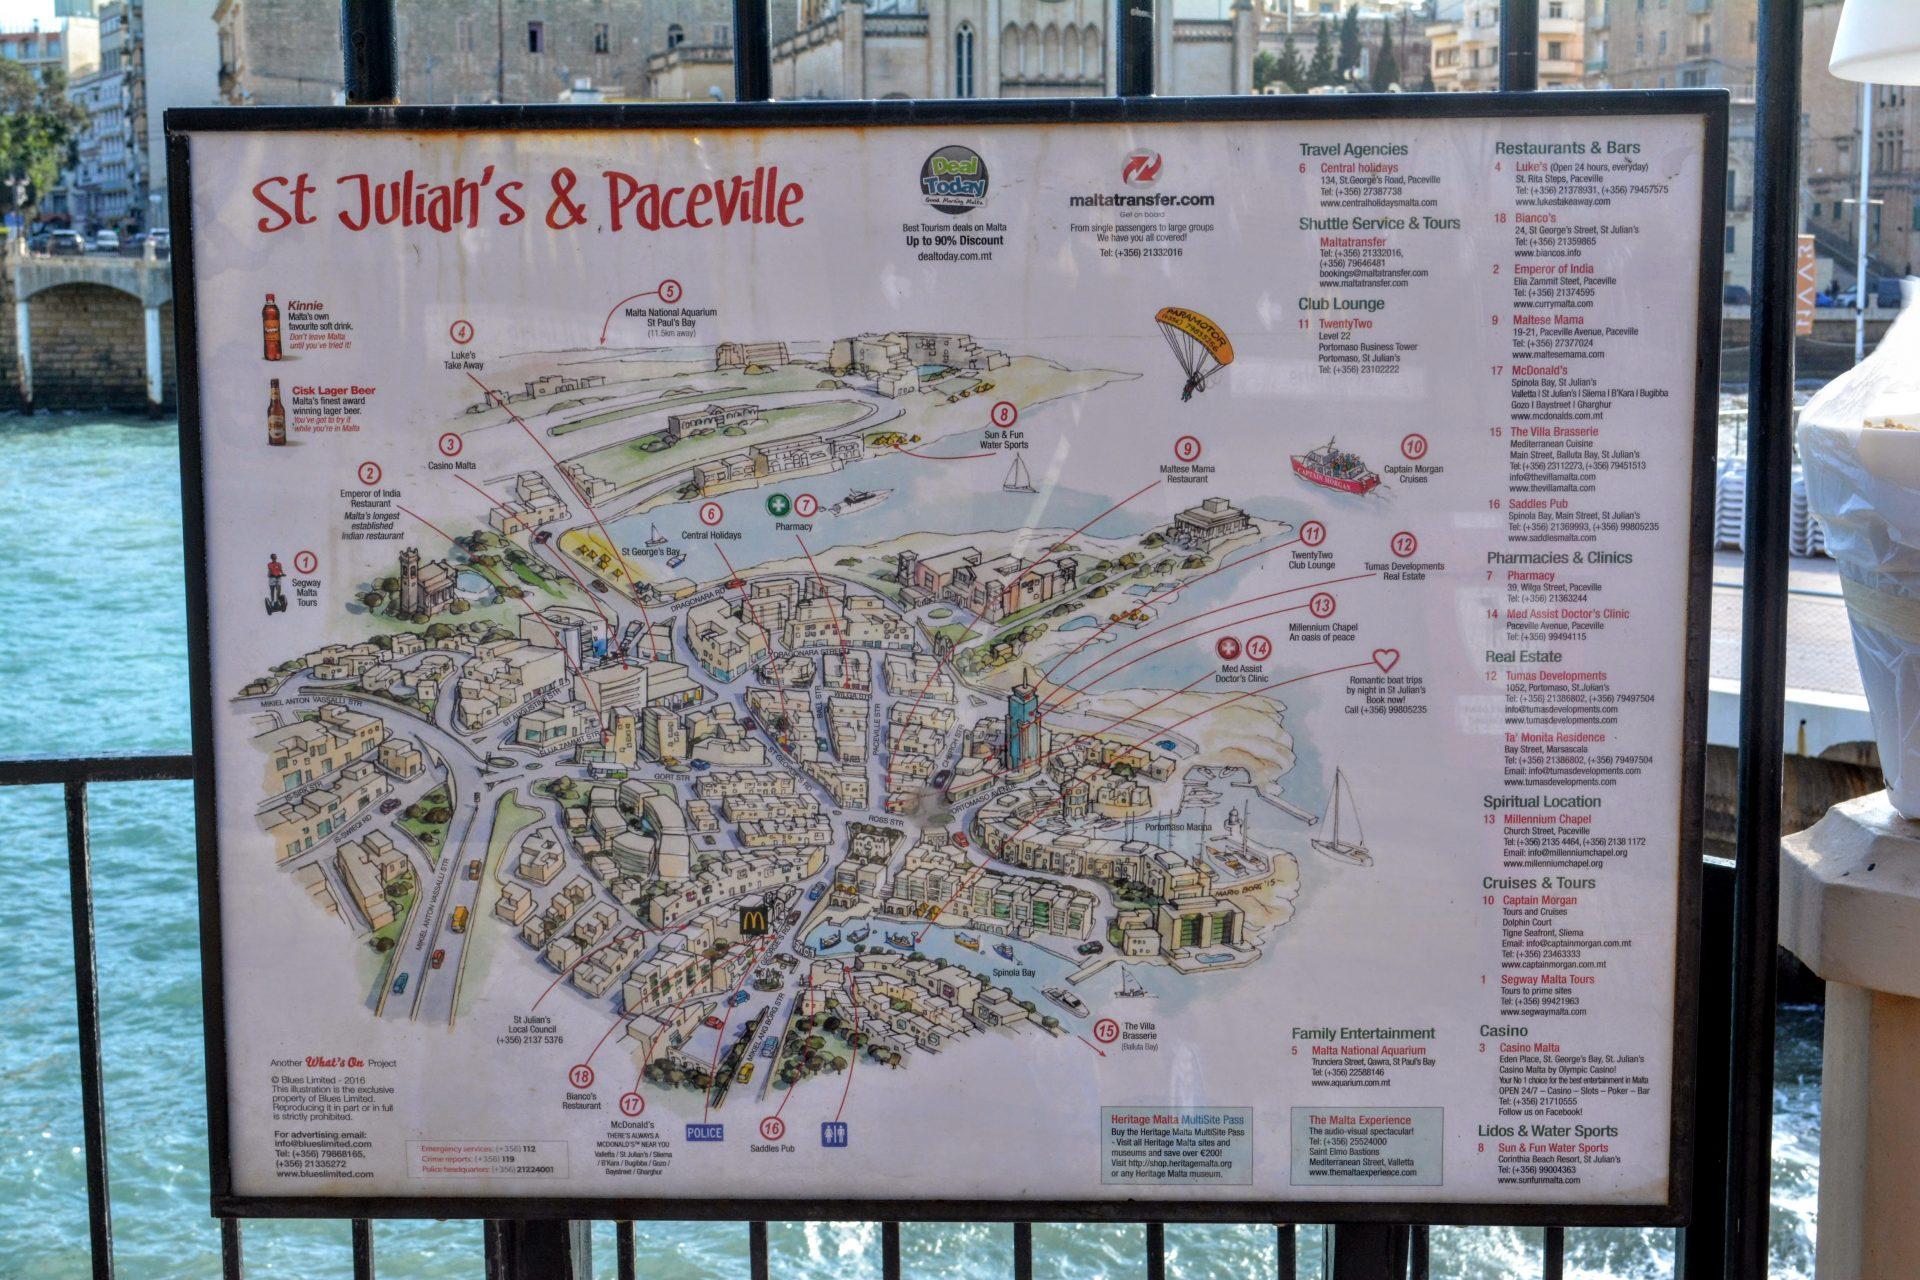 карта Сент-Джулианса и района Пачевиль